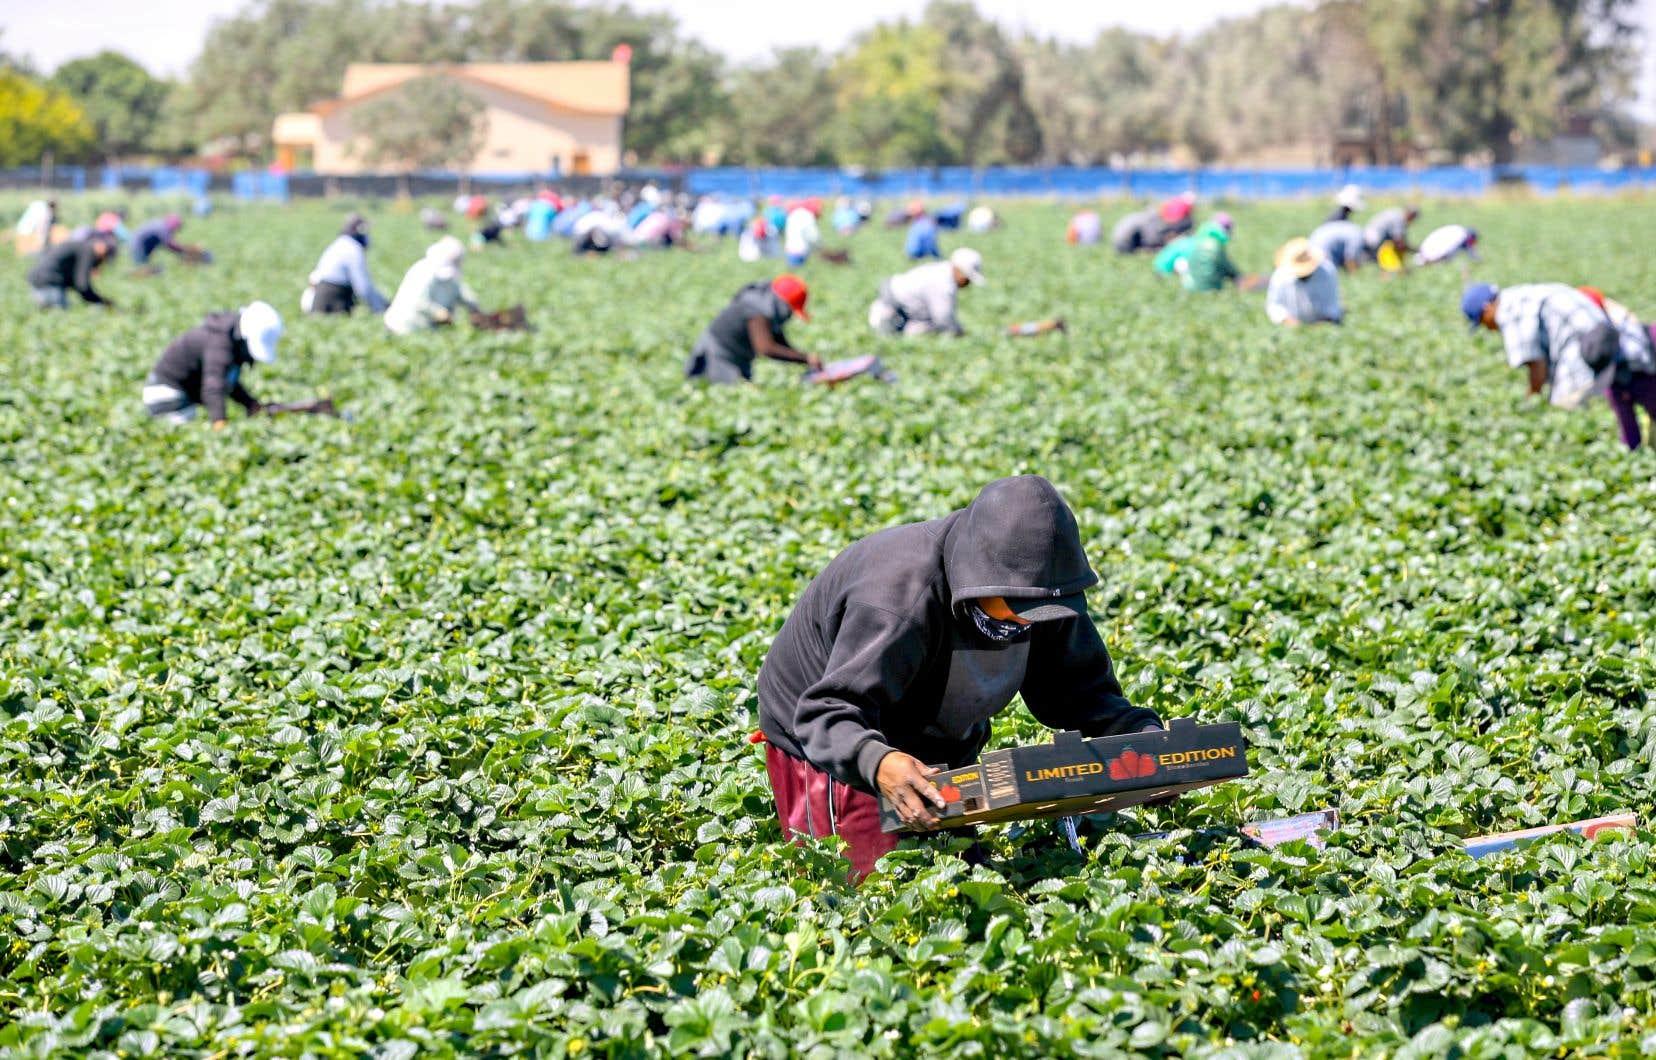 «Cette année, de plus en plus de travailleurs agricoles se font approcher par des recruteurs dans les rares lieux publics qu'ils fréquentent, comme les épiceries, les lieux de restauration rapide ou les parcs», écrivent les auteurs.